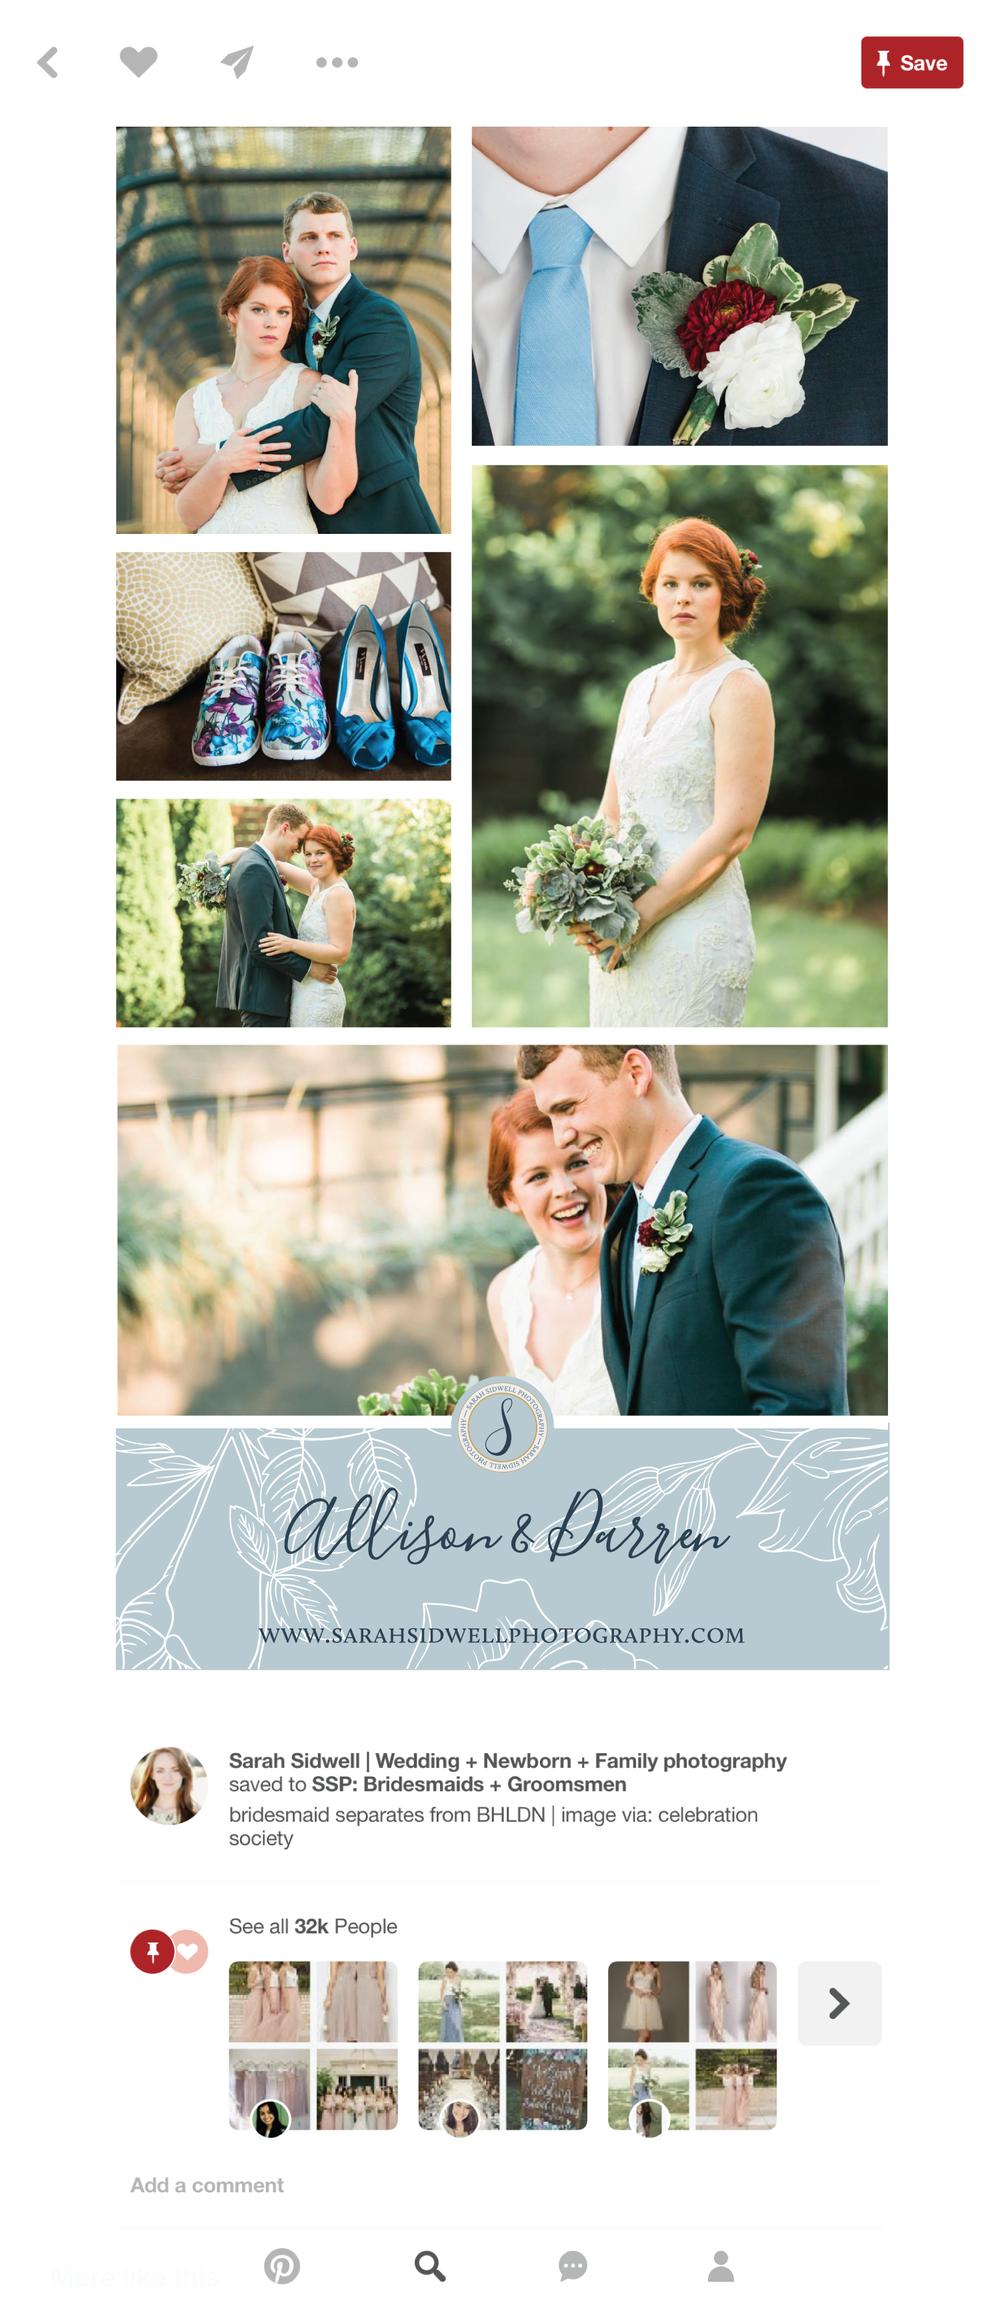 Alyssa Joy & Co. || Sarah Sidwell Photography Pinterest Template